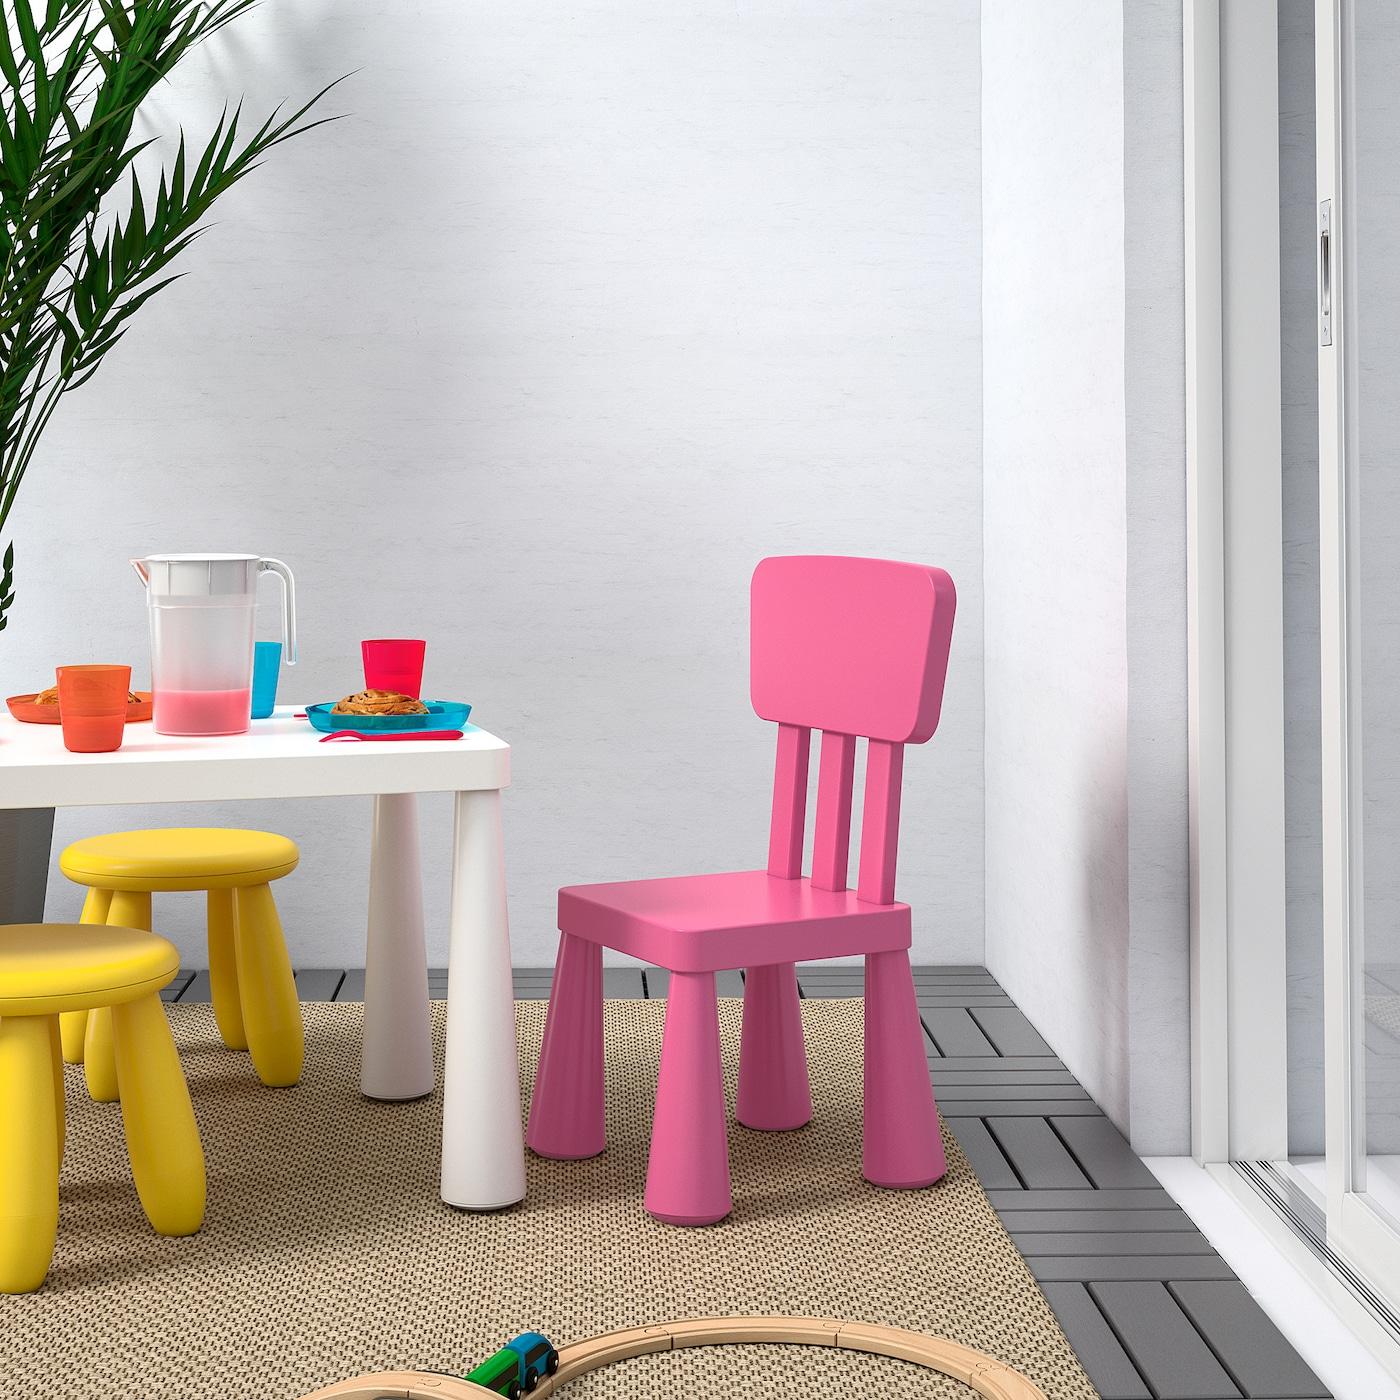 МАММУТ дитячий стілець для приміщення/вулиці/рожевий 39 см 36 см 67 см 26 см 30 см